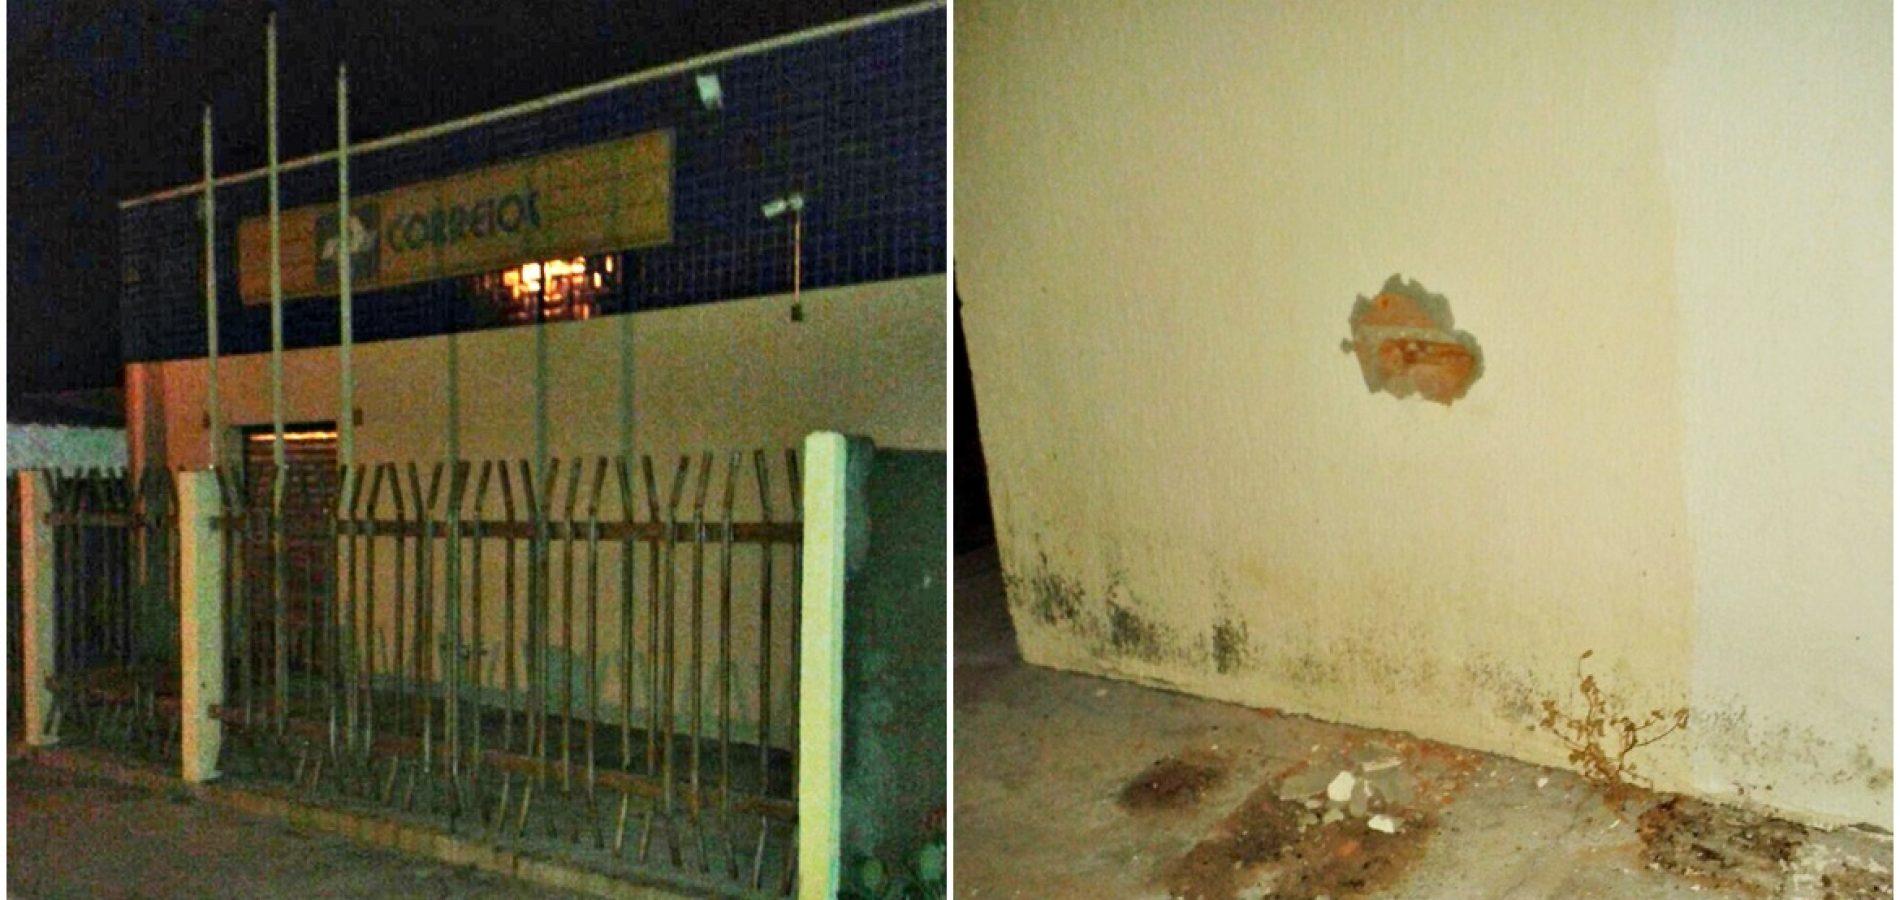 Bandidos tentam arrombar Correios em Patos do Piauí